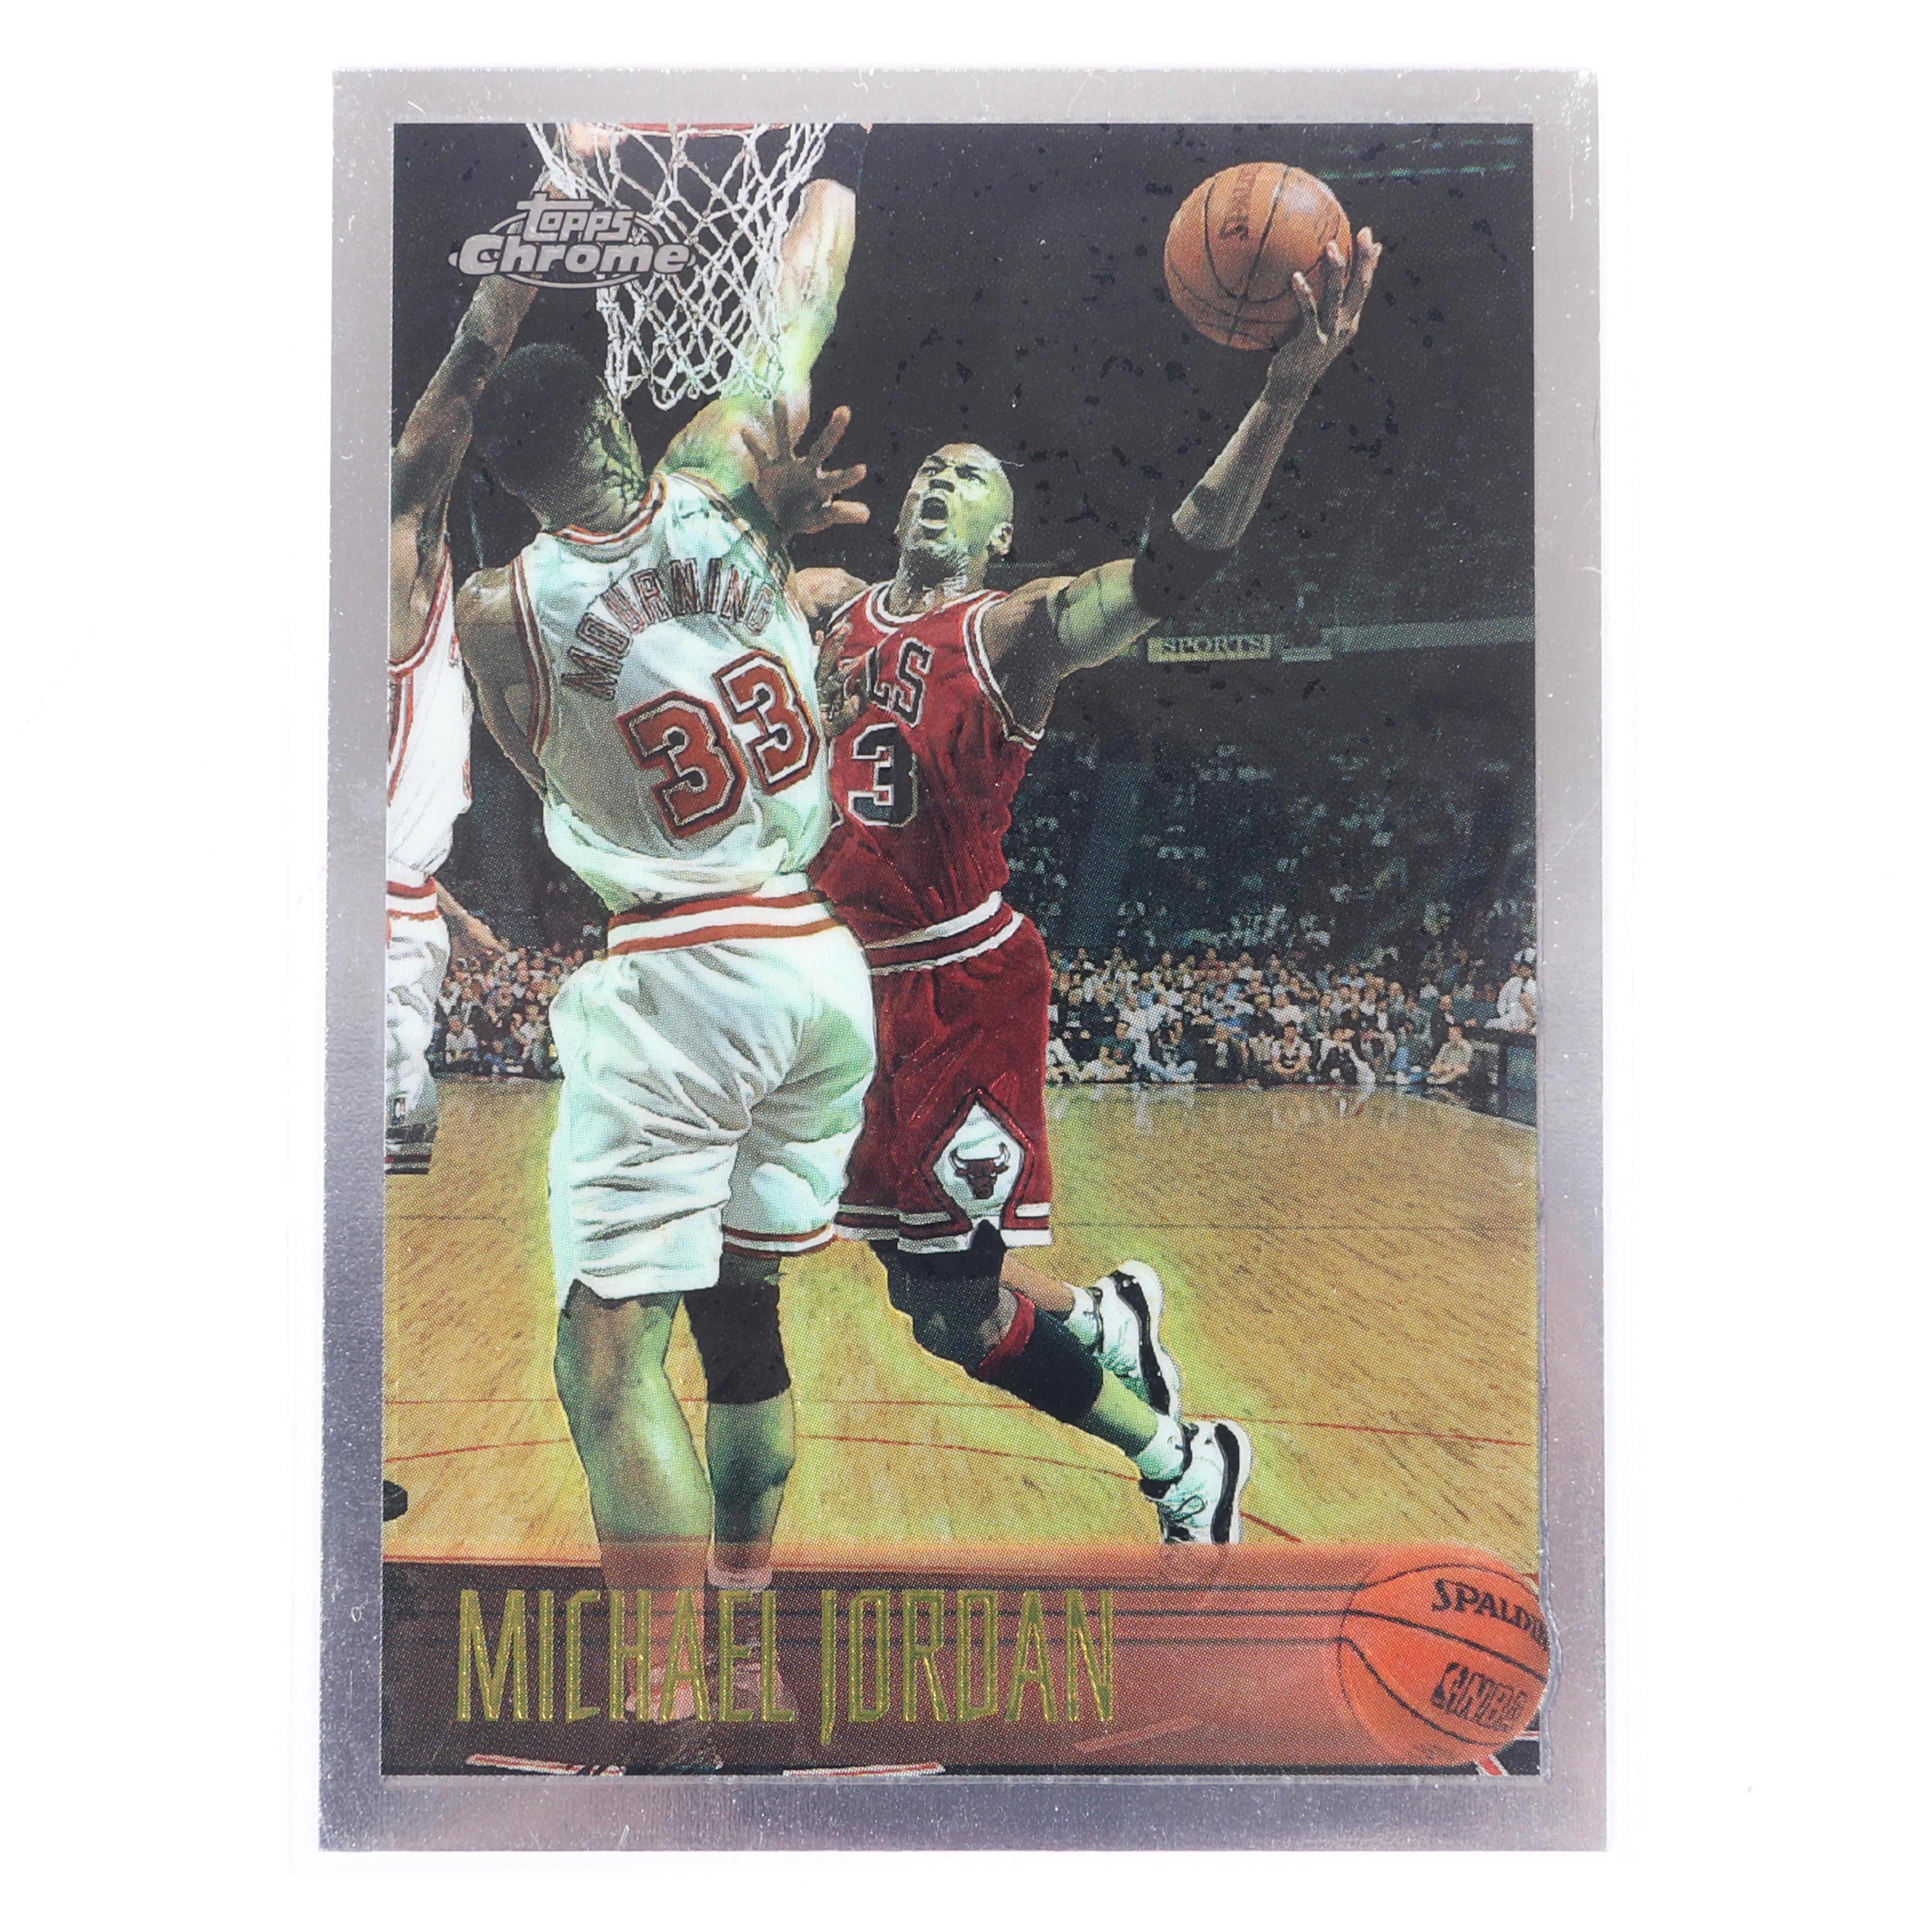 1996-97 Topps Chrome Michael Jordan Basketball Card #139